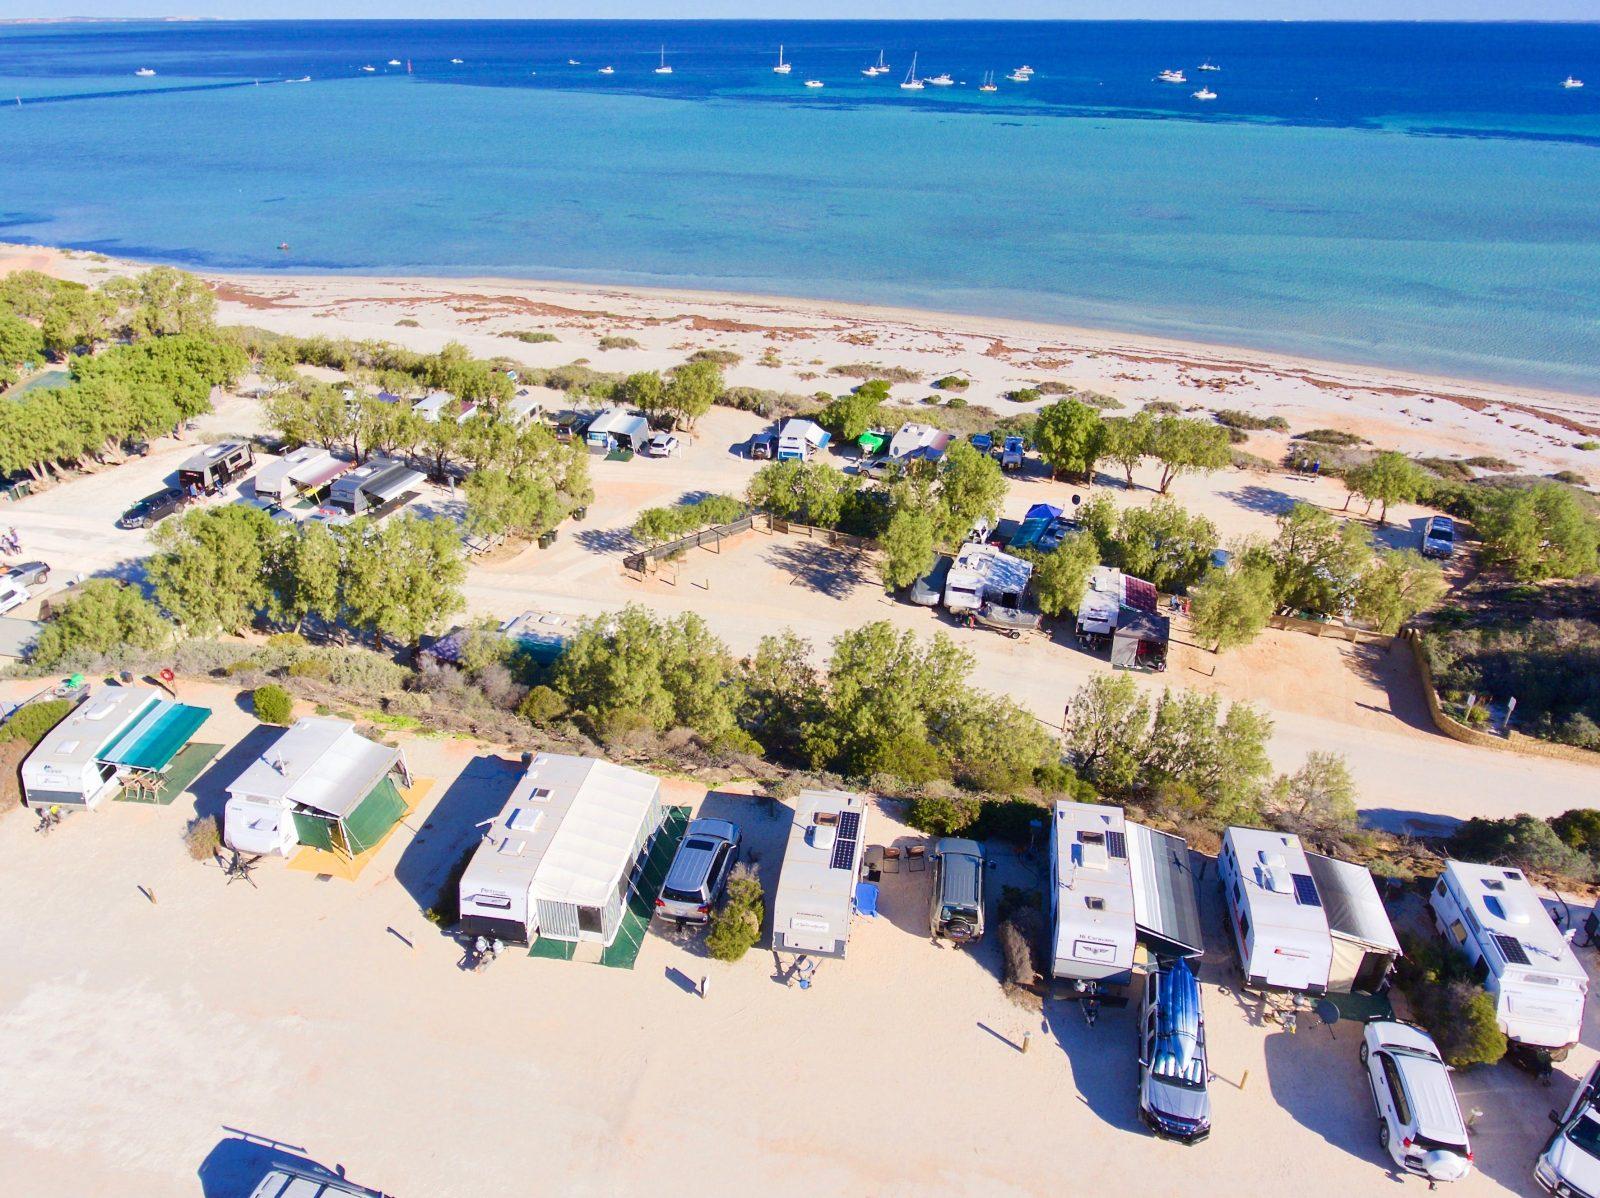 Denham Seaside Caravan Park, Denham, Western Australia